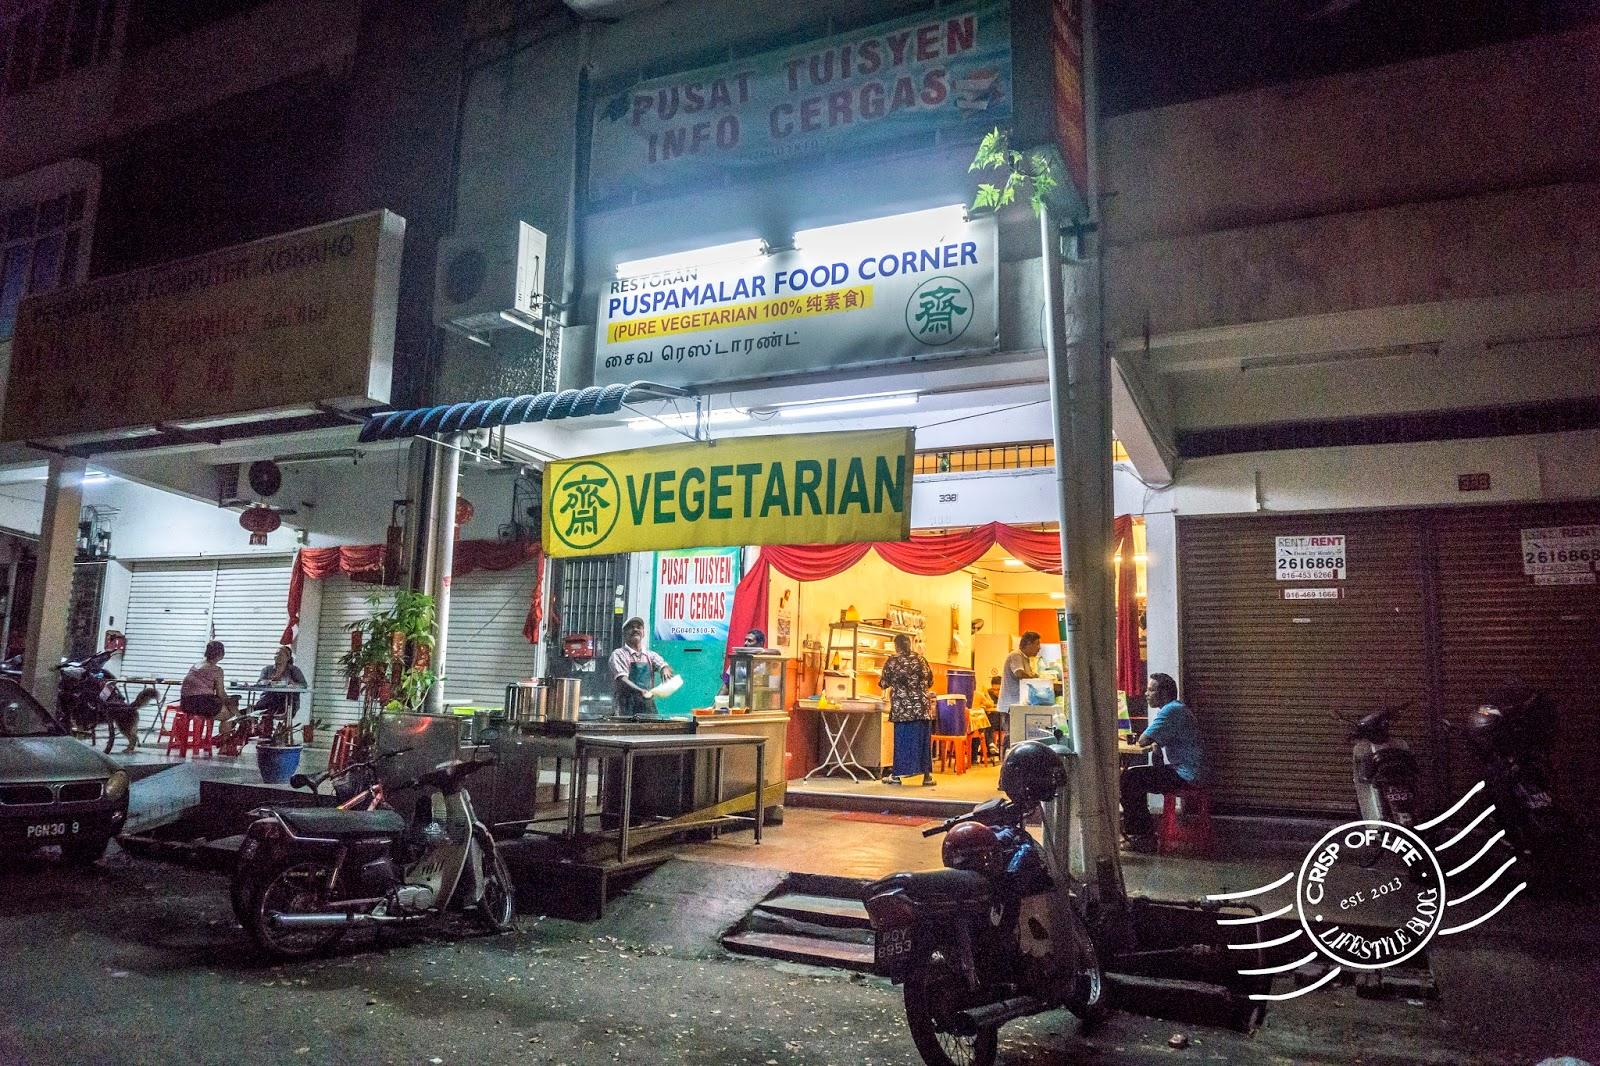 Puspamalar Vegetarian Food Corner @ Jalan Perak, Penang